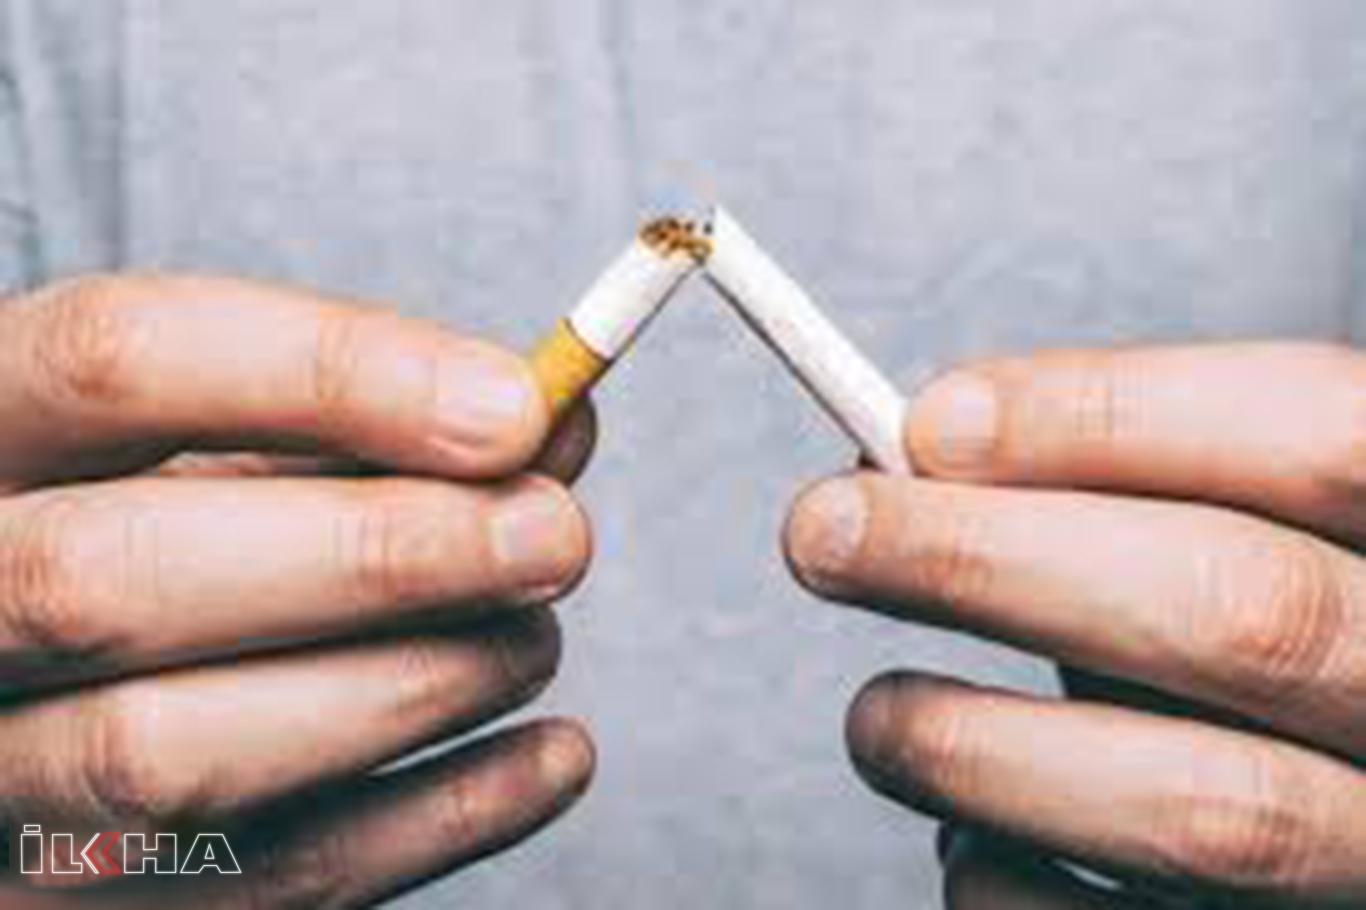 Sigara yasağının kapsamı genişletiliyor.